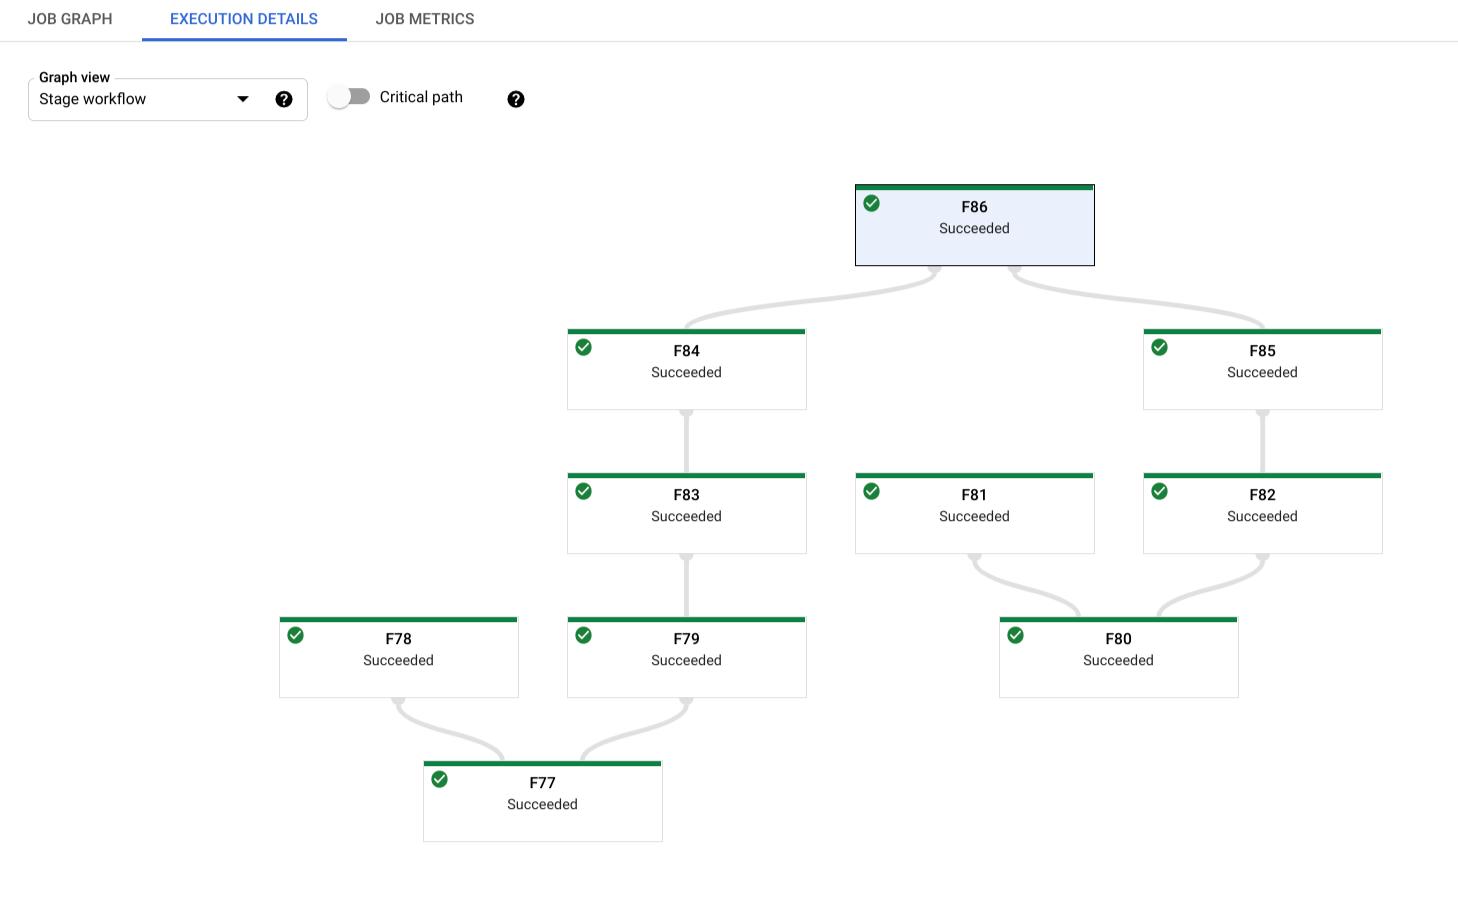 Um exemplo da visualização do fluxo de trabalho do estágio, mostrando a hierarquia dos diferentes estágios de execução de um job.